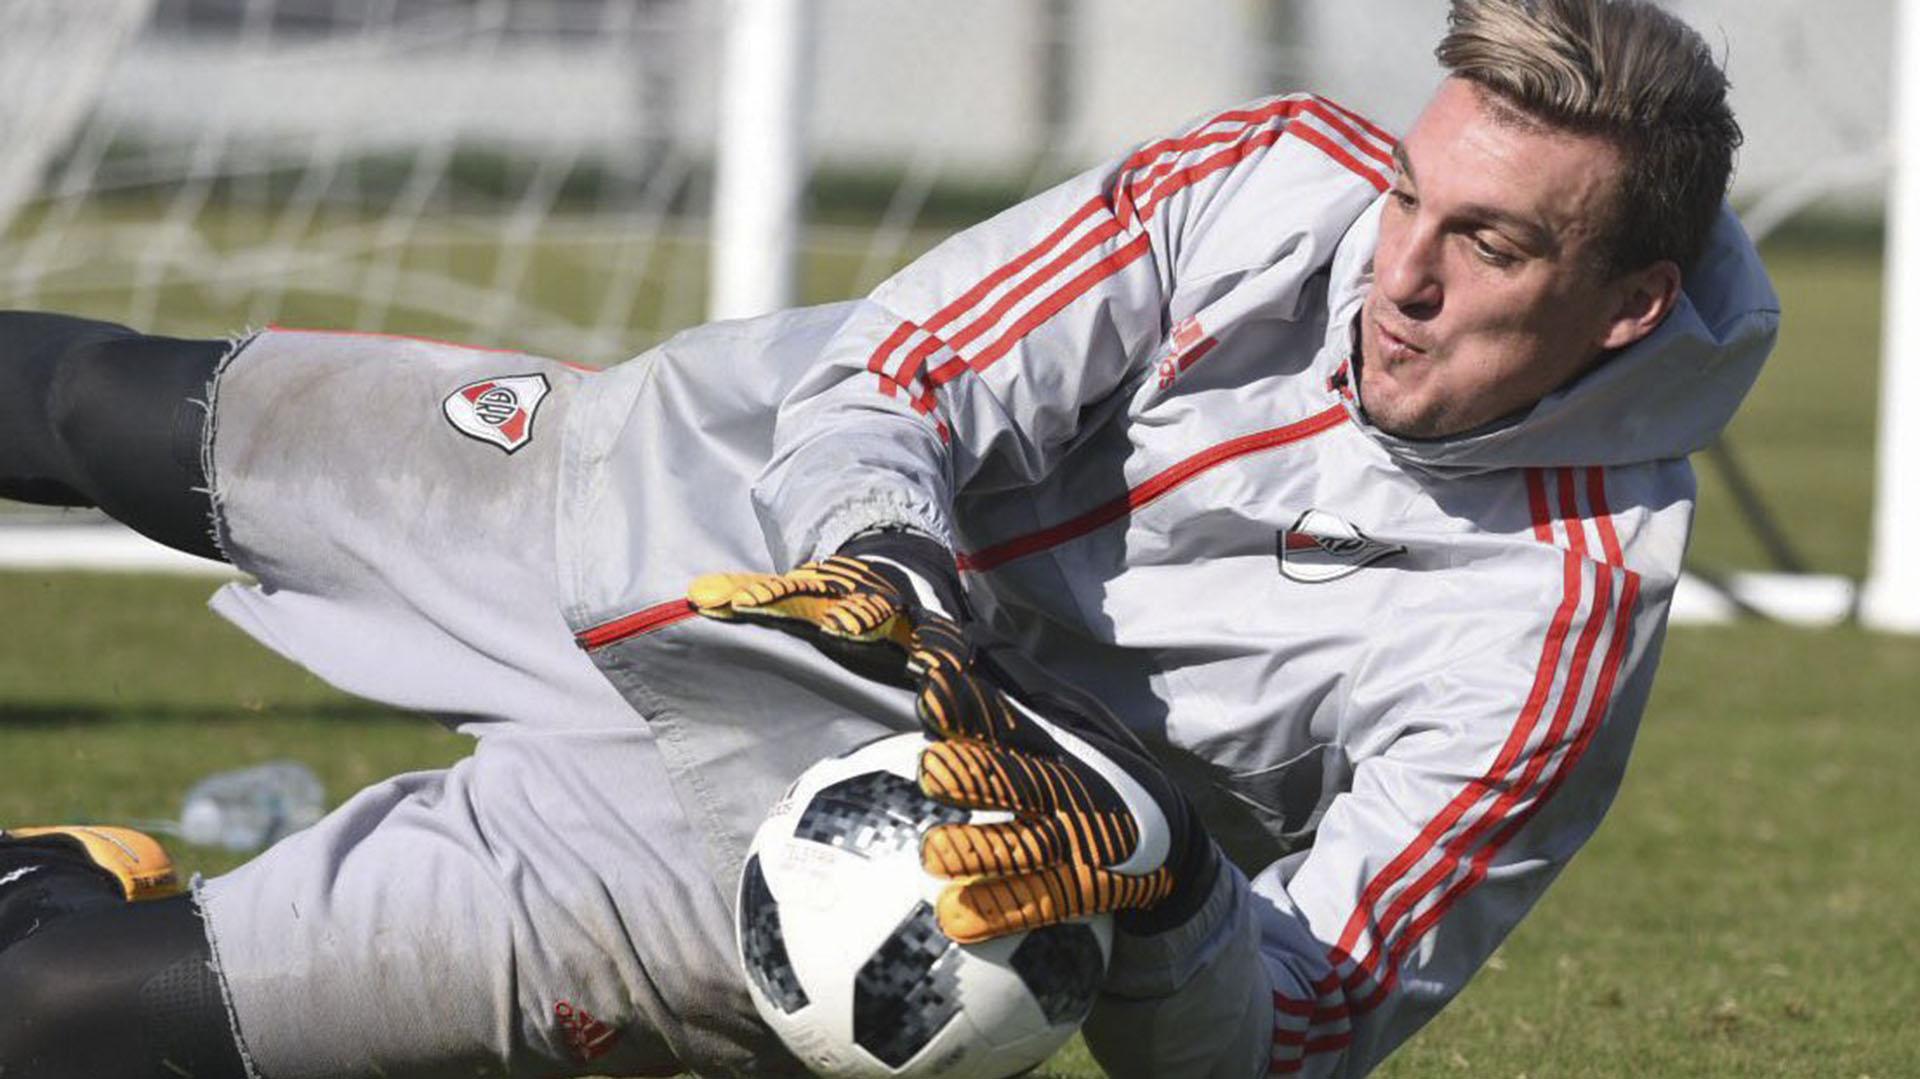 Franco Armani, arquero de River Plate (Foto: NA)